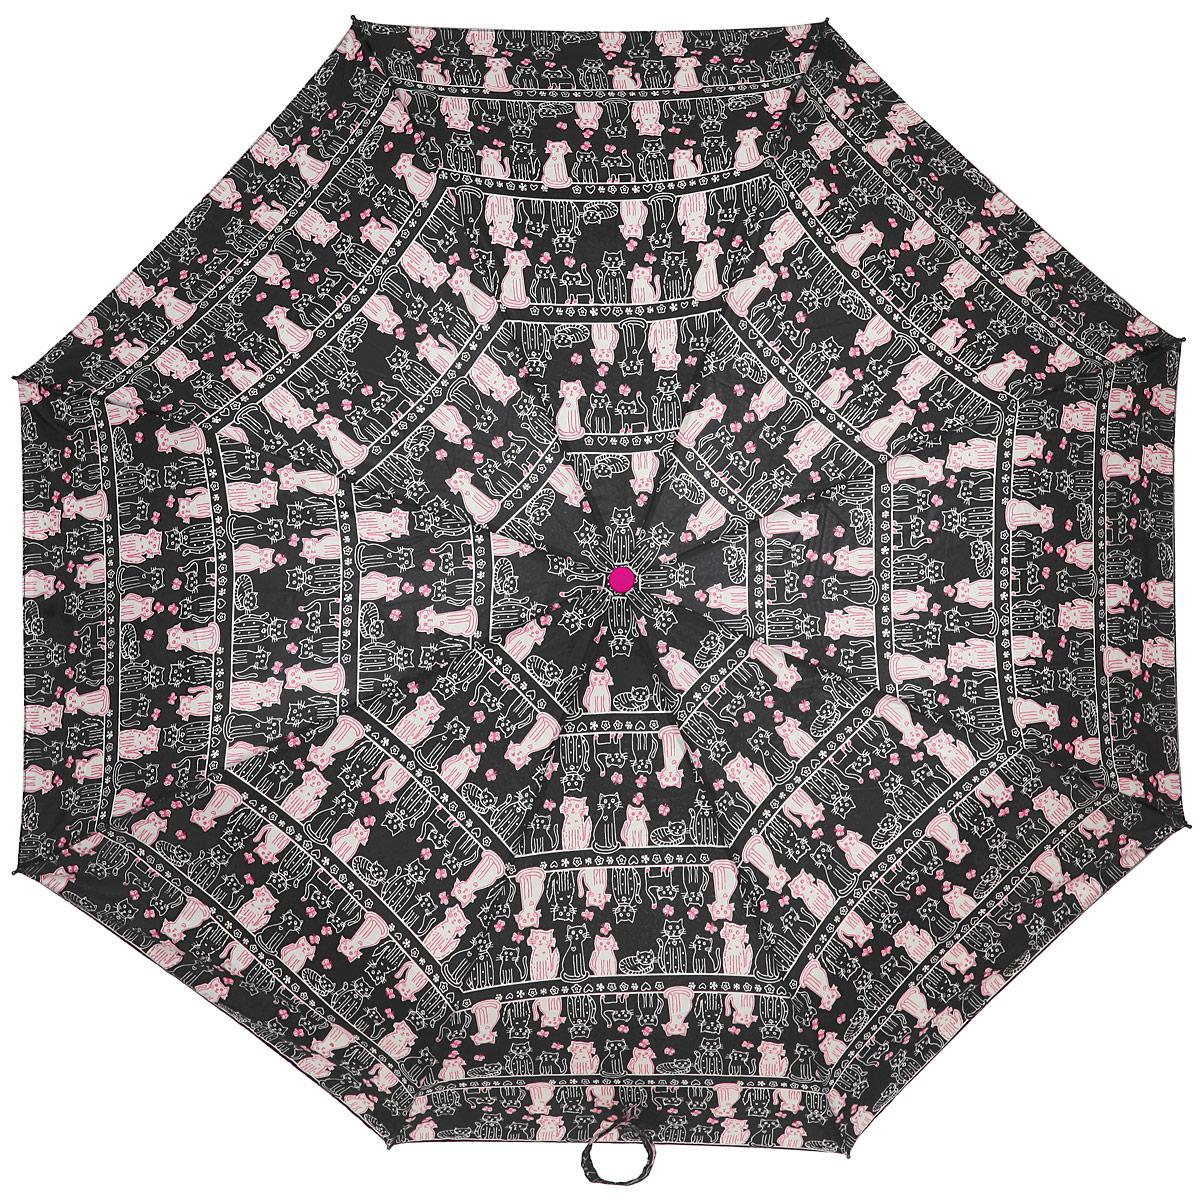 Зонт женский Labbra, автомат, 3 сложения, цвет: черный, розовый. A3-05-036A3-05-036Яркий зонт Labbra оформлен орнаментом с изображением кошек. Каркас зонта изготовлен из стали и фибергласса, содержит восемь спиц, а также дополнен эргономичной рукояткой из пластика. Купол выполнен из полиэстера с водоотталкивающей пропиткой. Зонт имеет автоматический механизм сложения: купол открывается и закрывается нажатием кнопки на рукоятке, стержень складывается вручную до характерного щелчка, благодаря чему открыть и закрыть зонт можно одной рукой, что чрезвычайно удобно при входе в транспорт или помещение. Рукоятка дополнена удобной петлей. К зонту прилагается чехол. Практичный аксессуар даже в ненастную погоду позволит вам оставаться стильной и элегантной.